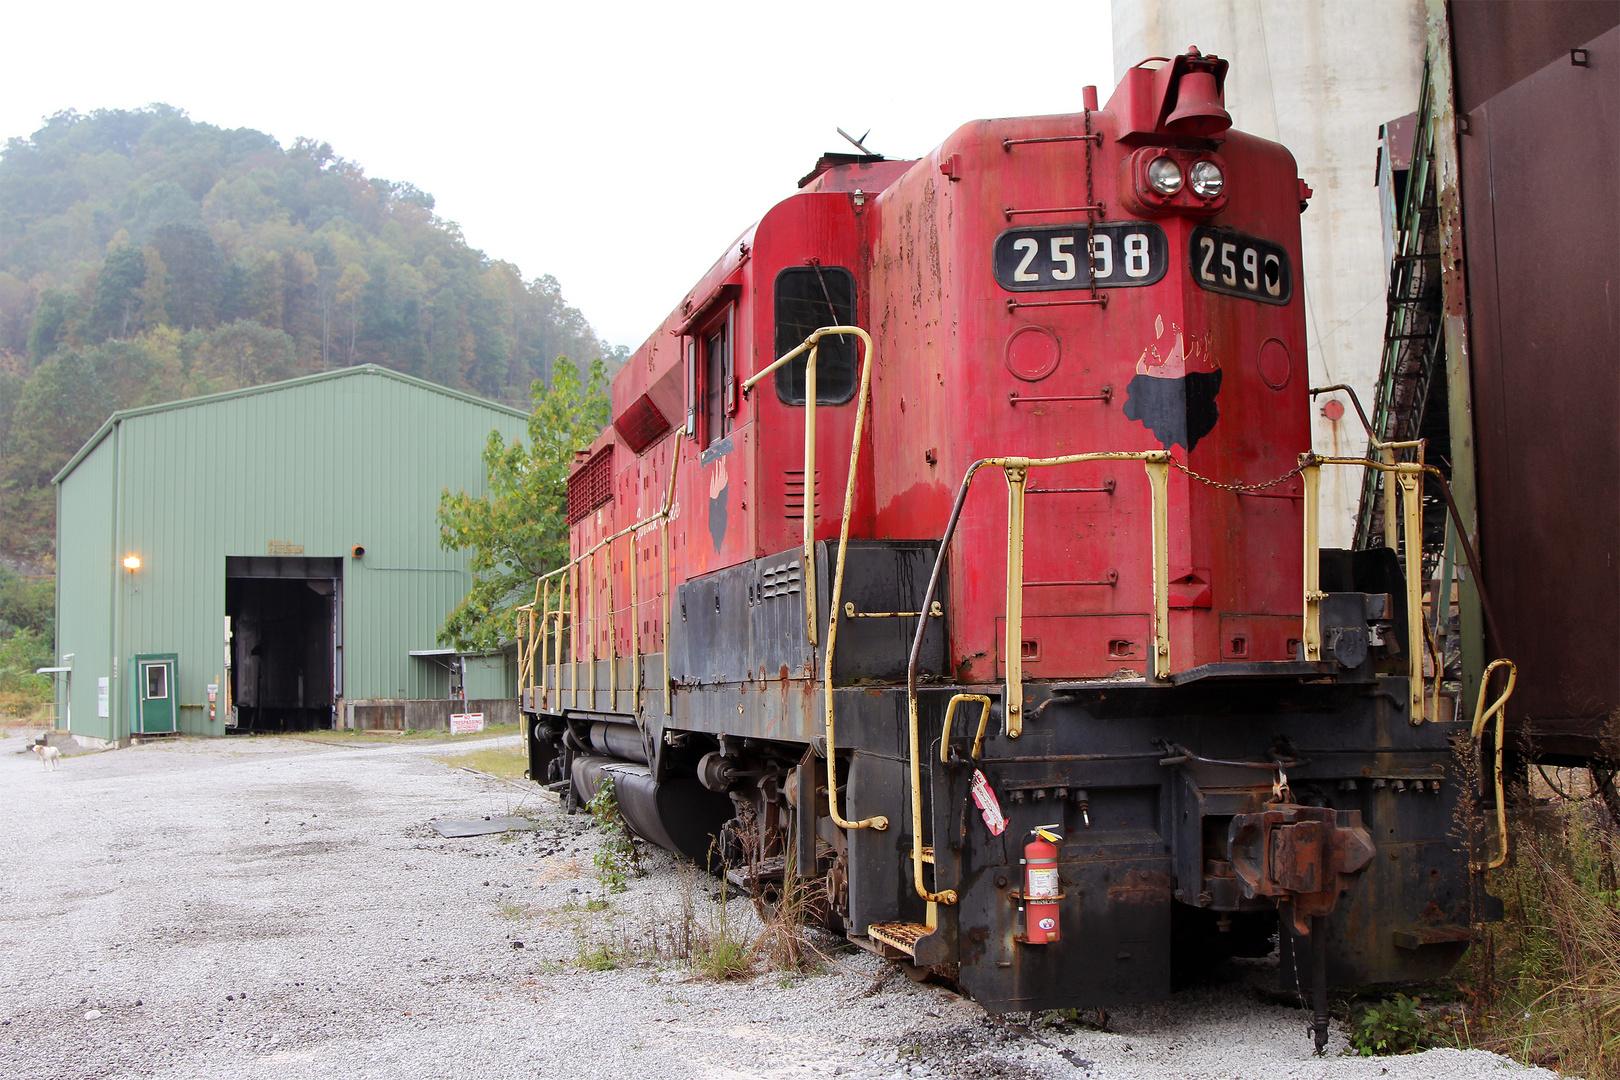 Einzige Lok der Sprouse Creek Coal Mine, EMD GP30HH #2598 auf dem Firmengelände